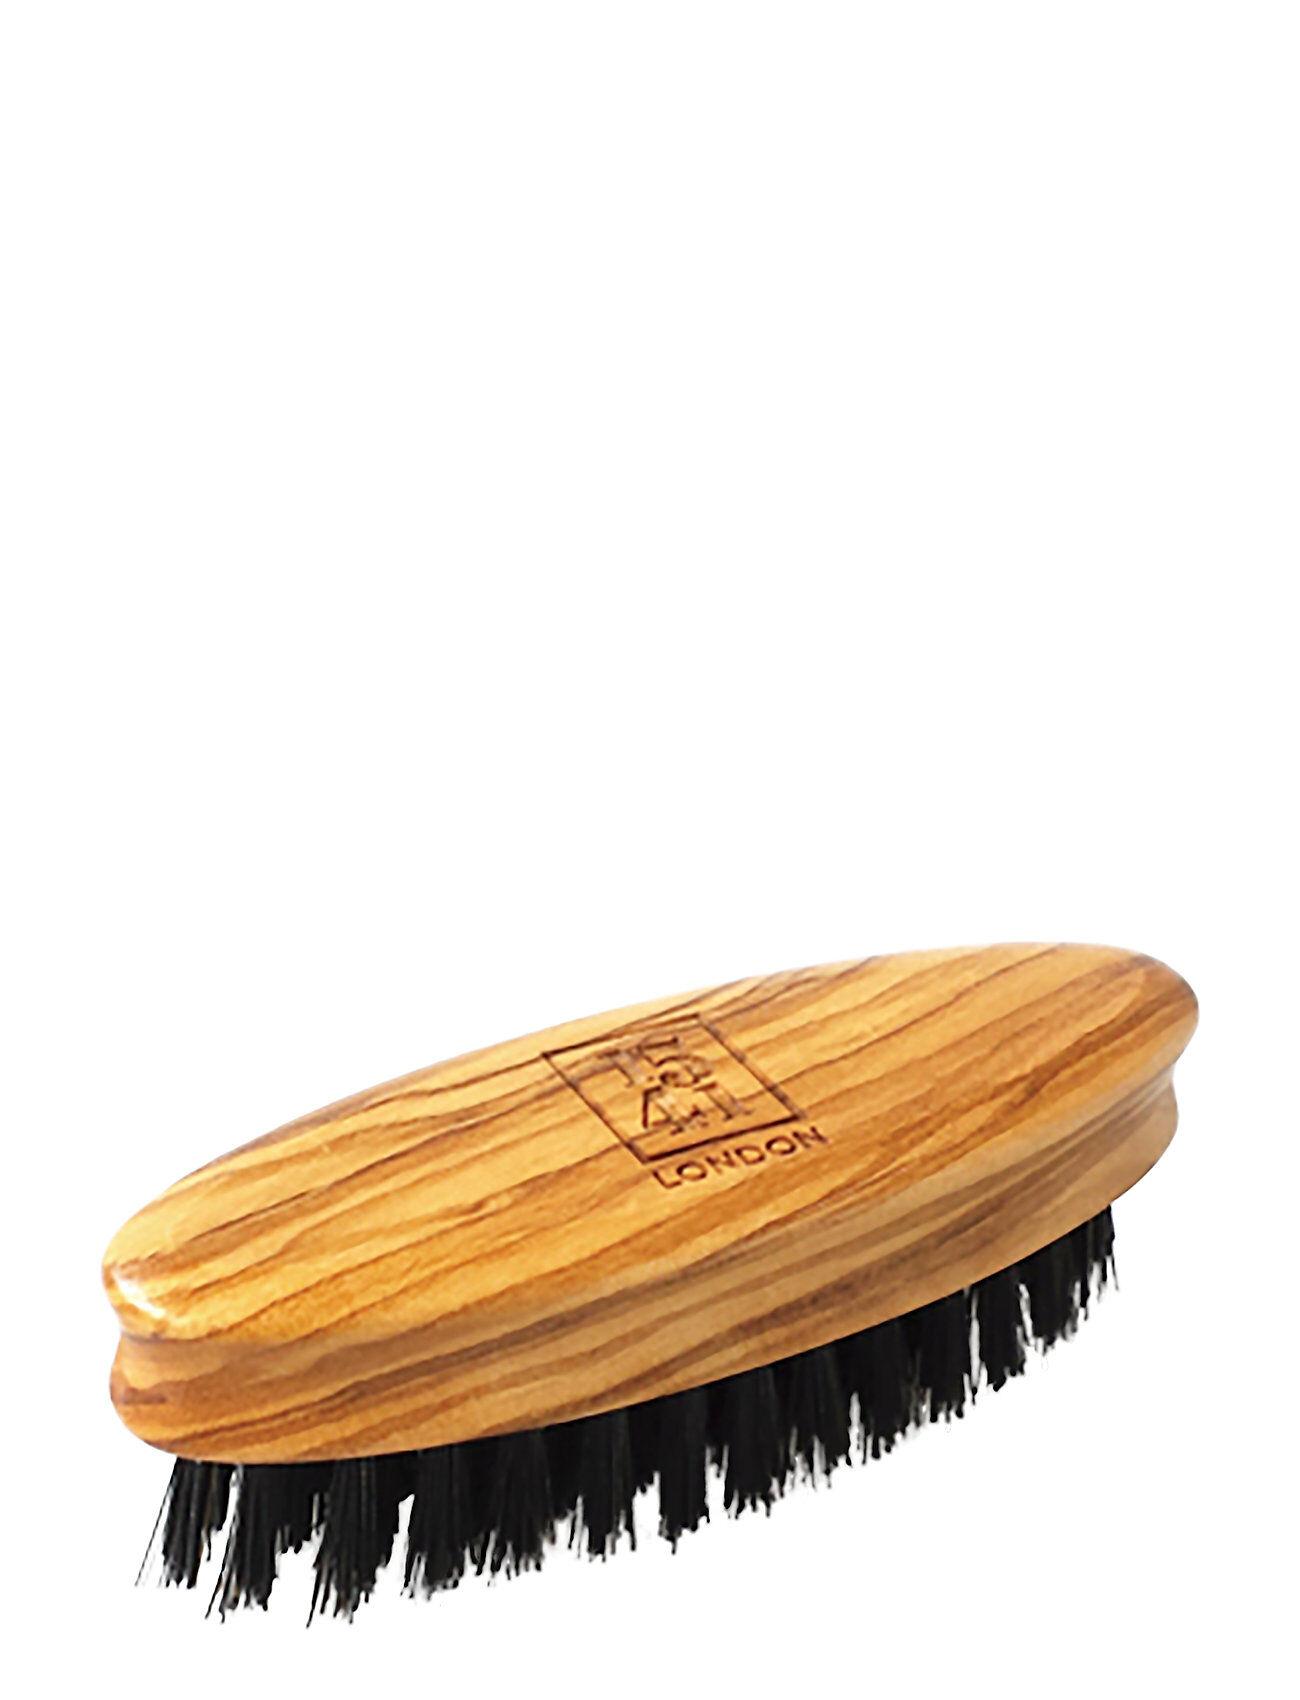 1541 of London Mini Beard & Moustache Brush Olivewood